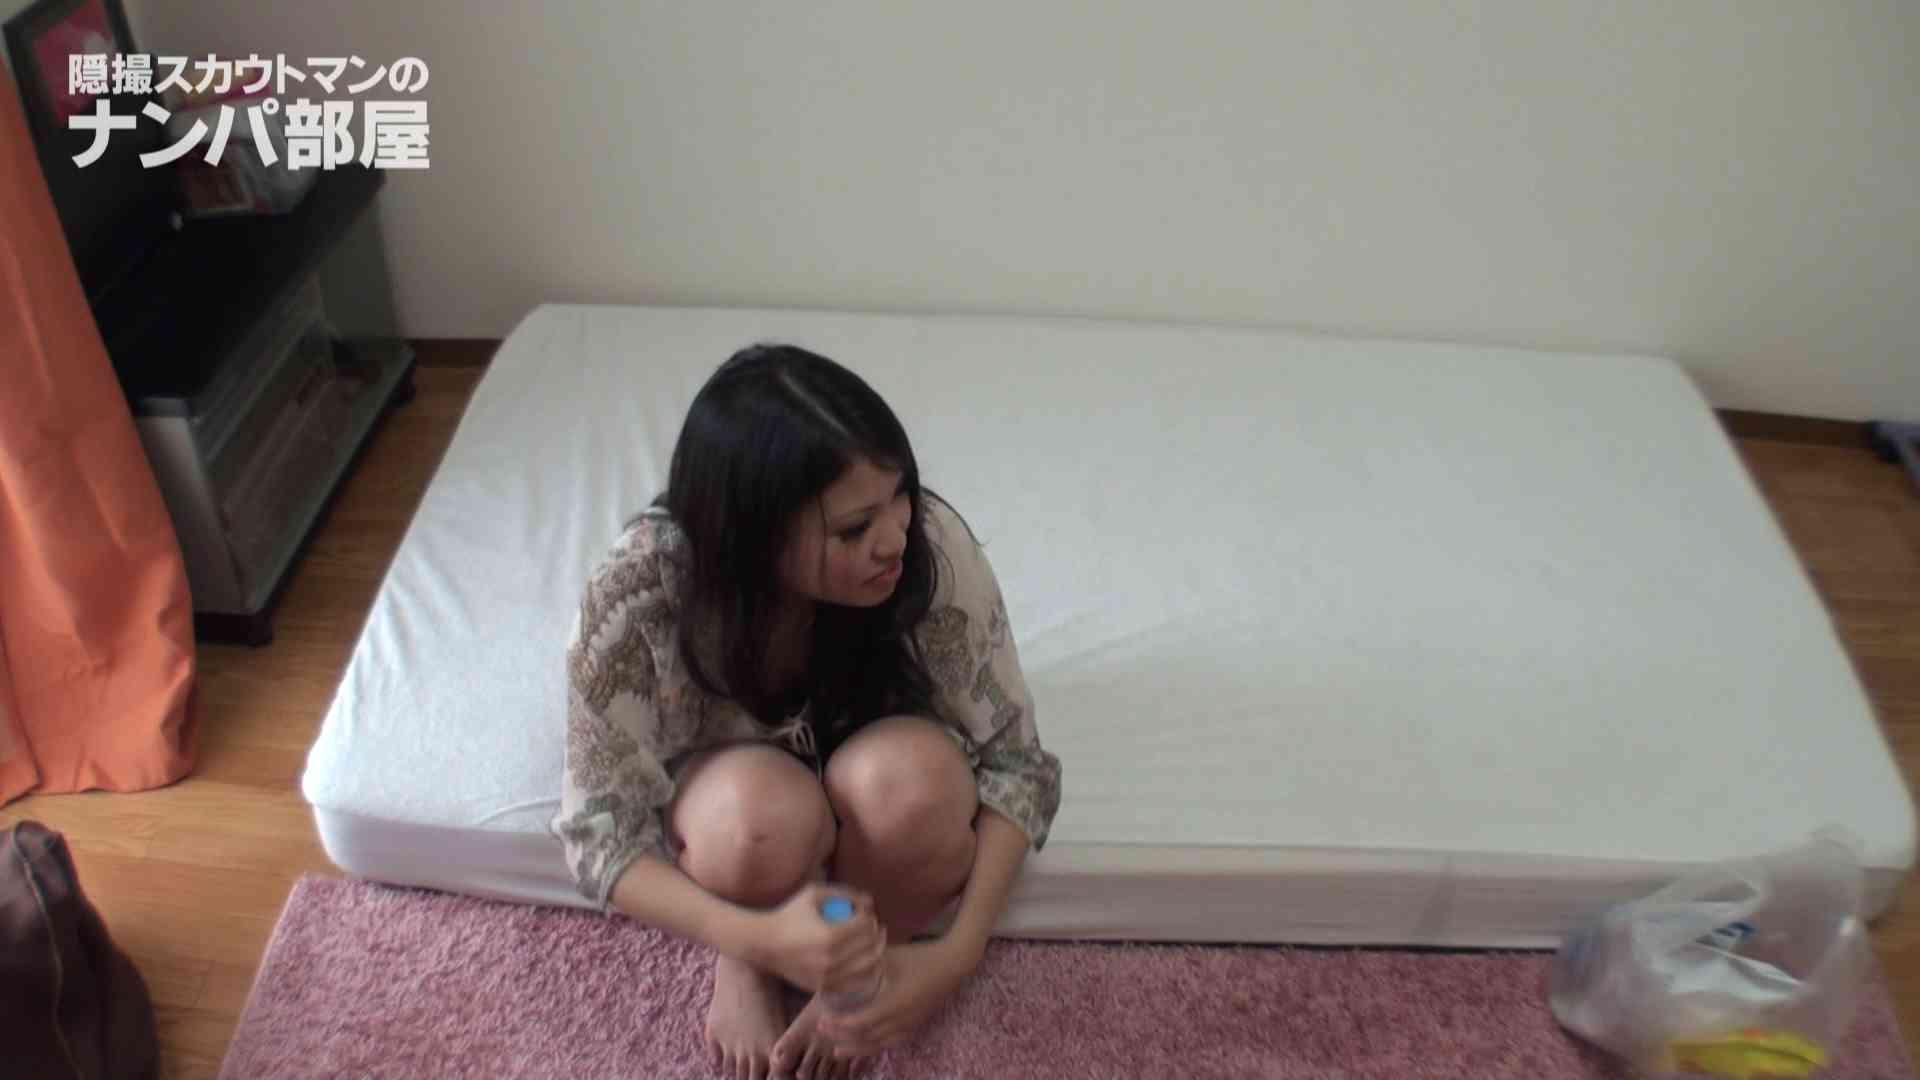 隠撮スカウトマンのナンパ部屋~風俗デビュー前のつまみ食い~hana 脱衣所 | 隠撮  89pic 10